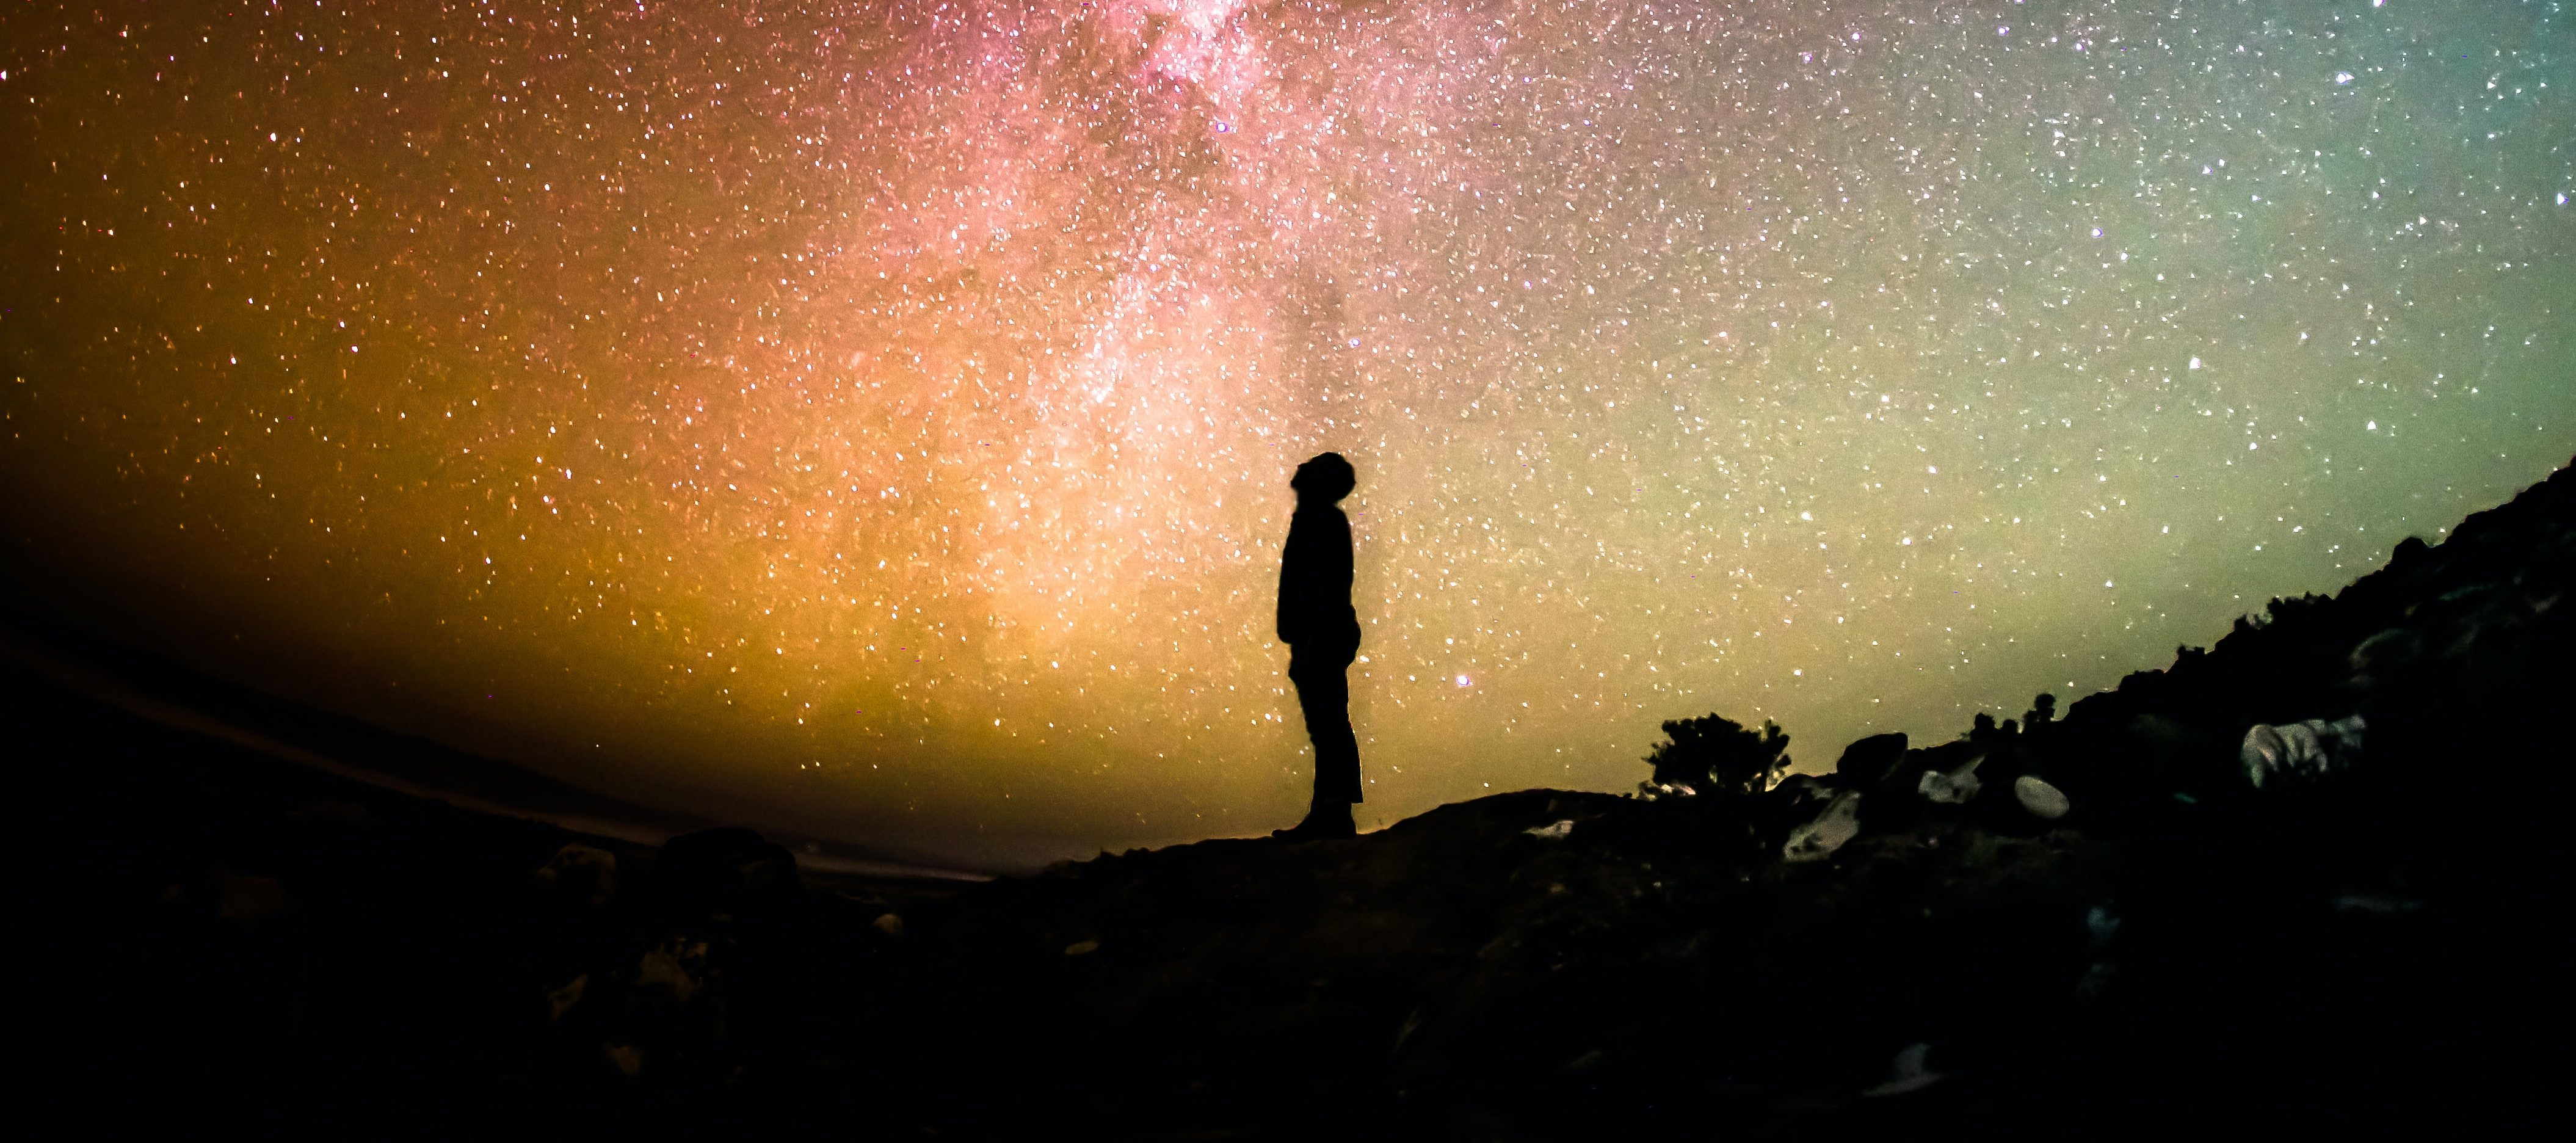 An INTJ Guide Through the Universe